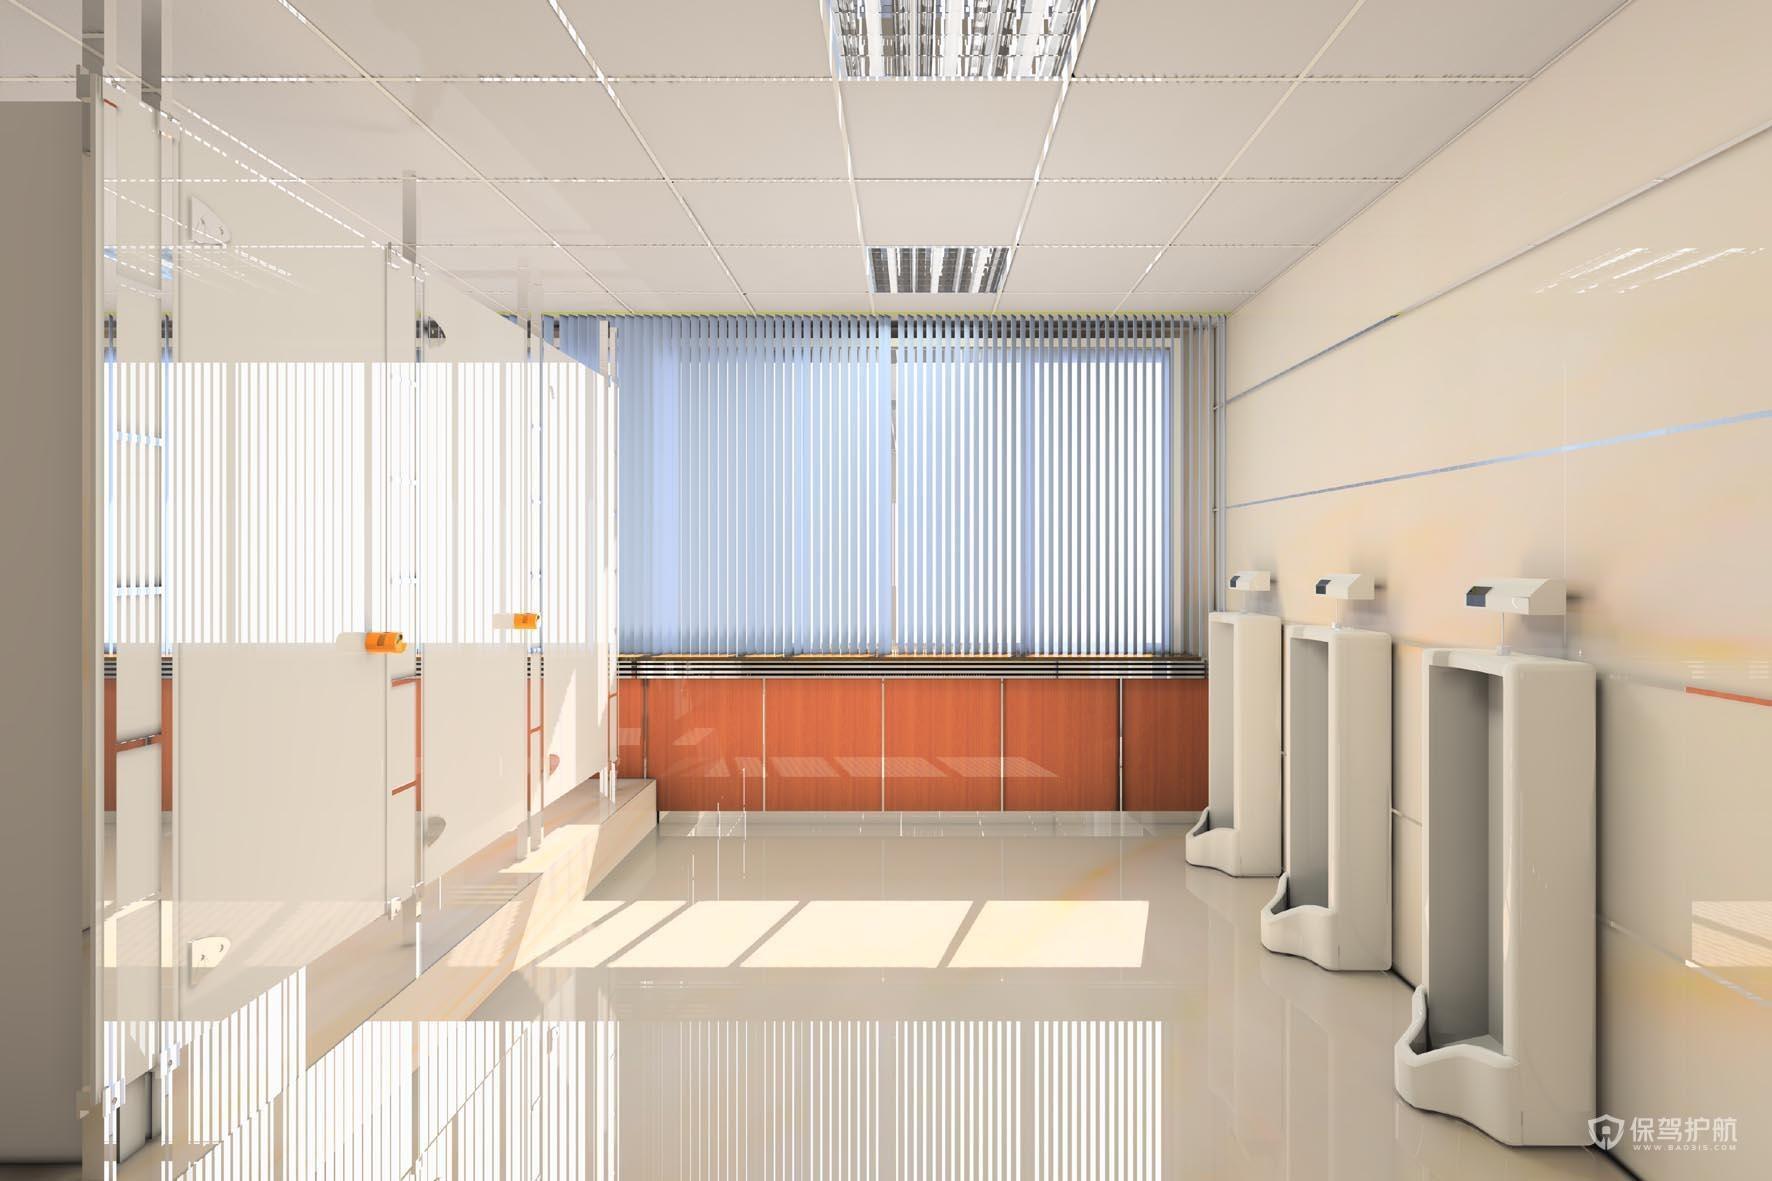 墙面瓷砖开放式办公室实景图